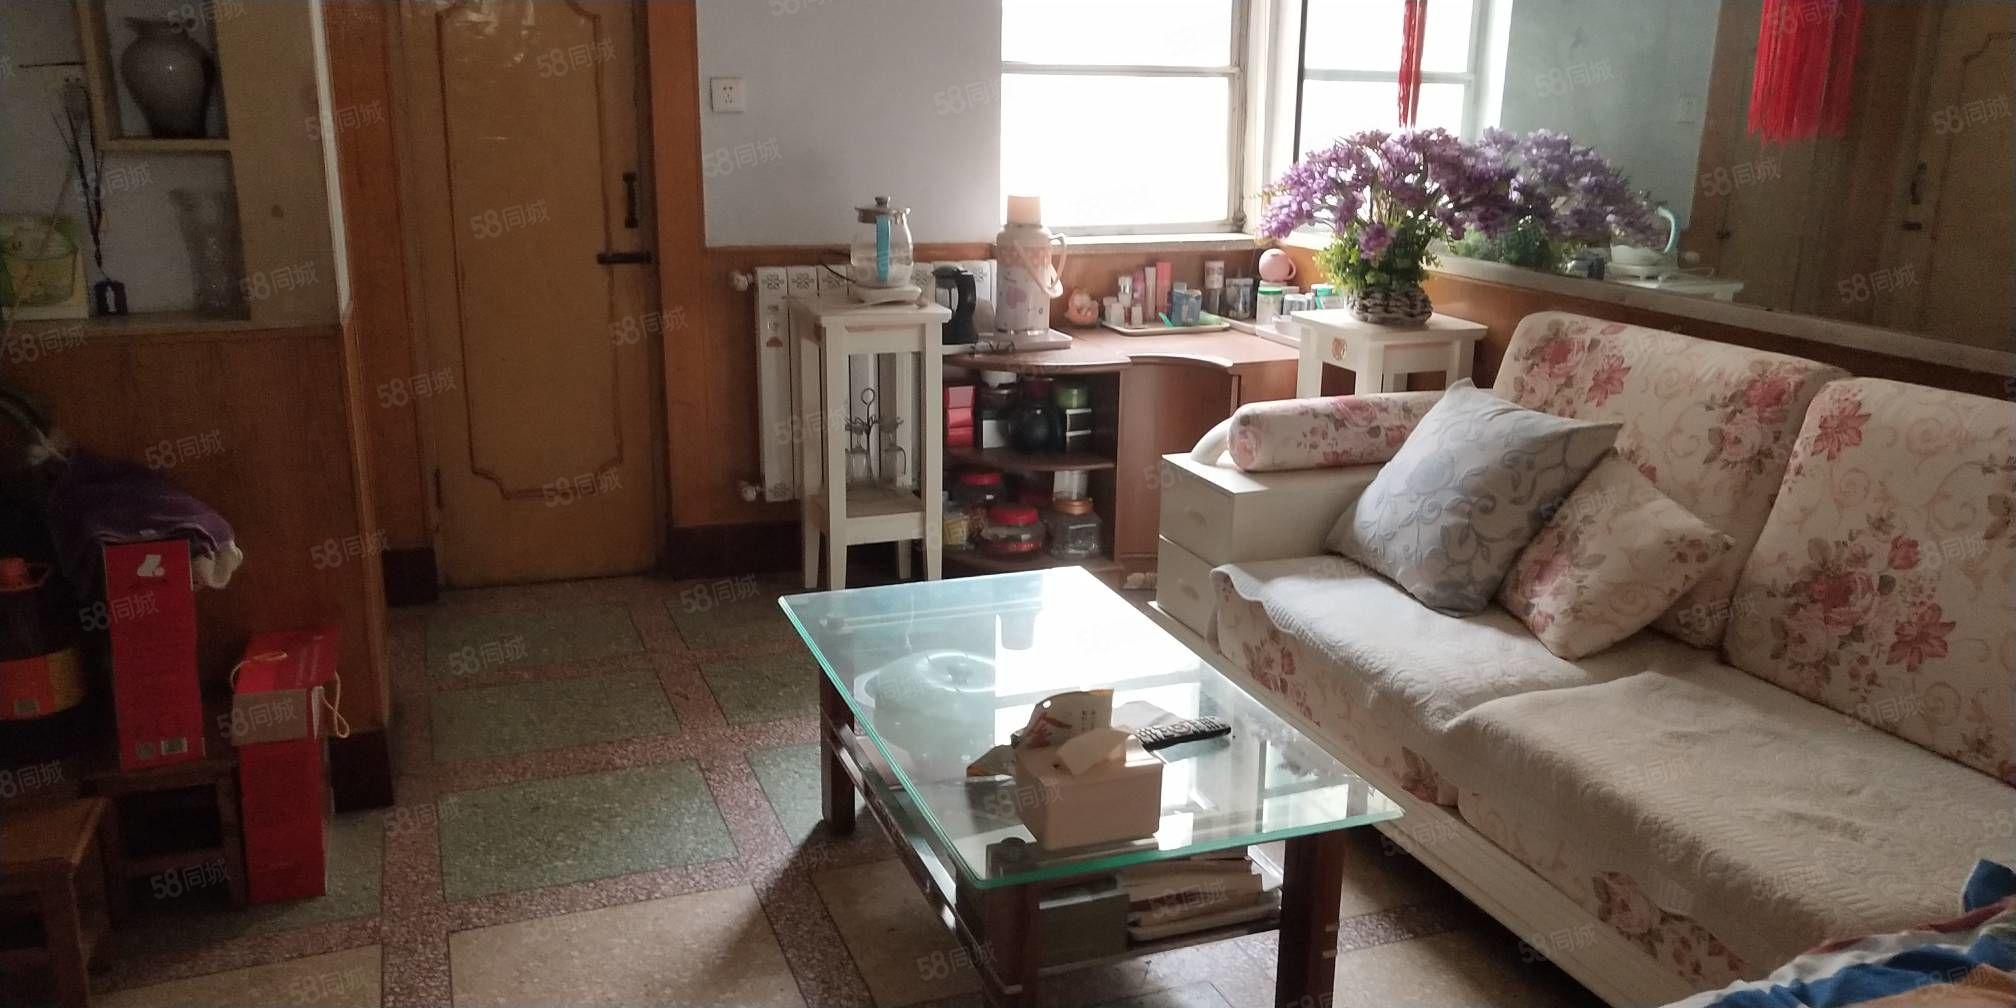 新華國際旁南苑小區70平兩室一廳一衛有證有暖能貸款三樓